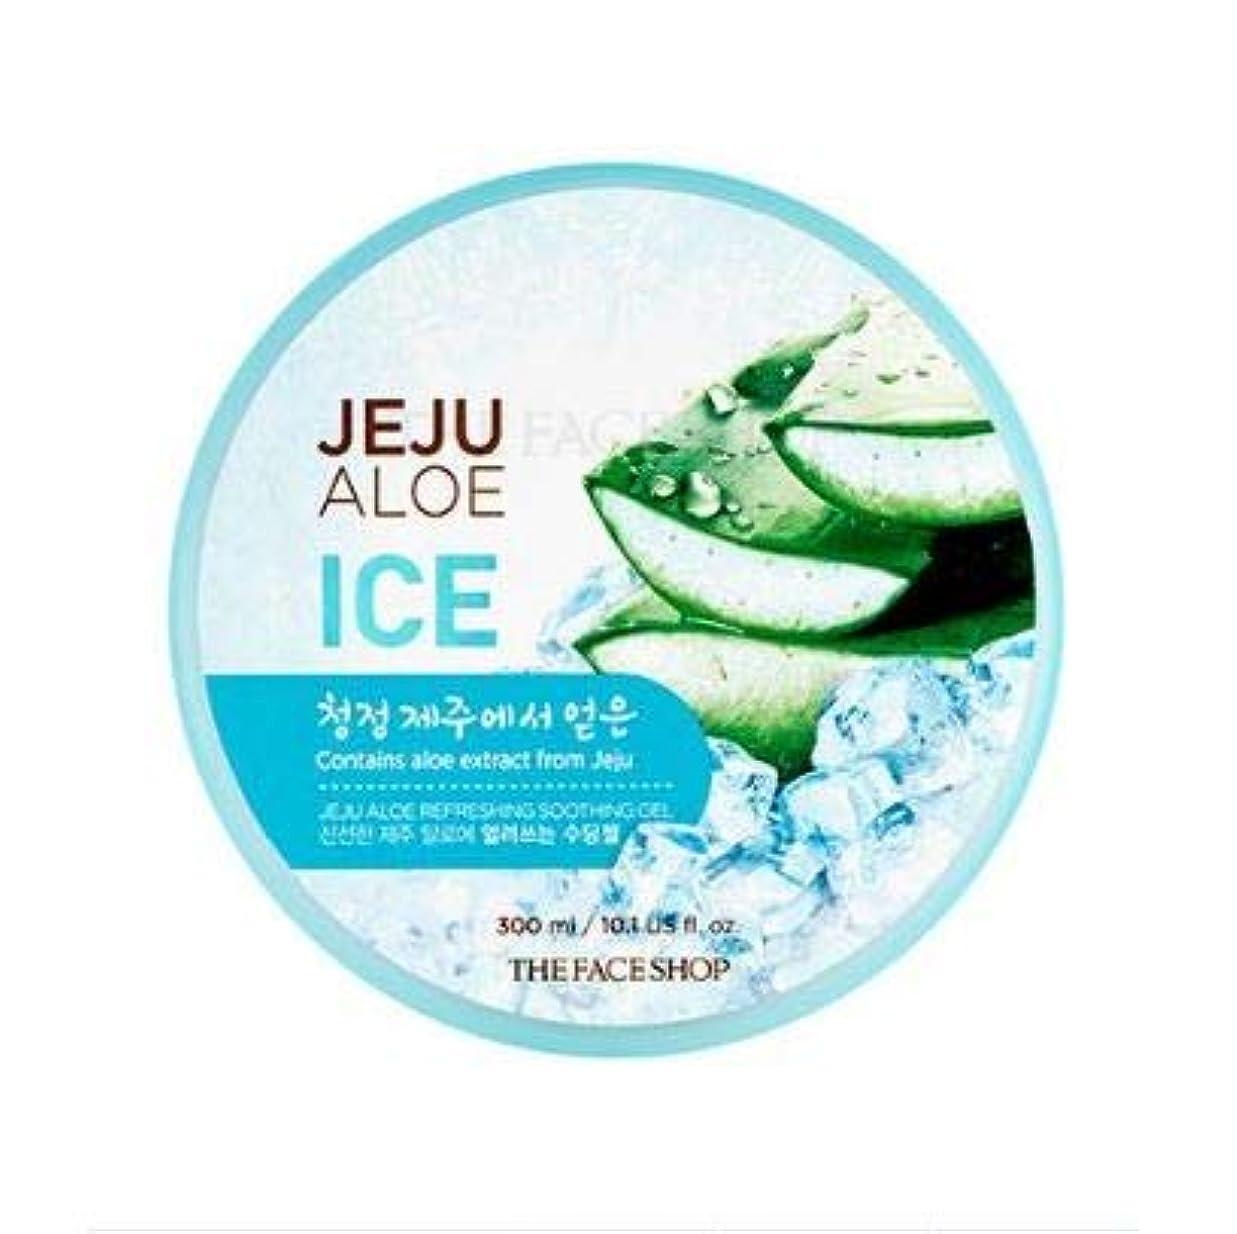 染料爬虫類危機ザフェイスショップ 済州 アロエ リフレッシング スージング ジェル 300ml / THE FACE SHOP Jeju Aloe Refreshing Soothing Gel 300ml [並行輸入品]